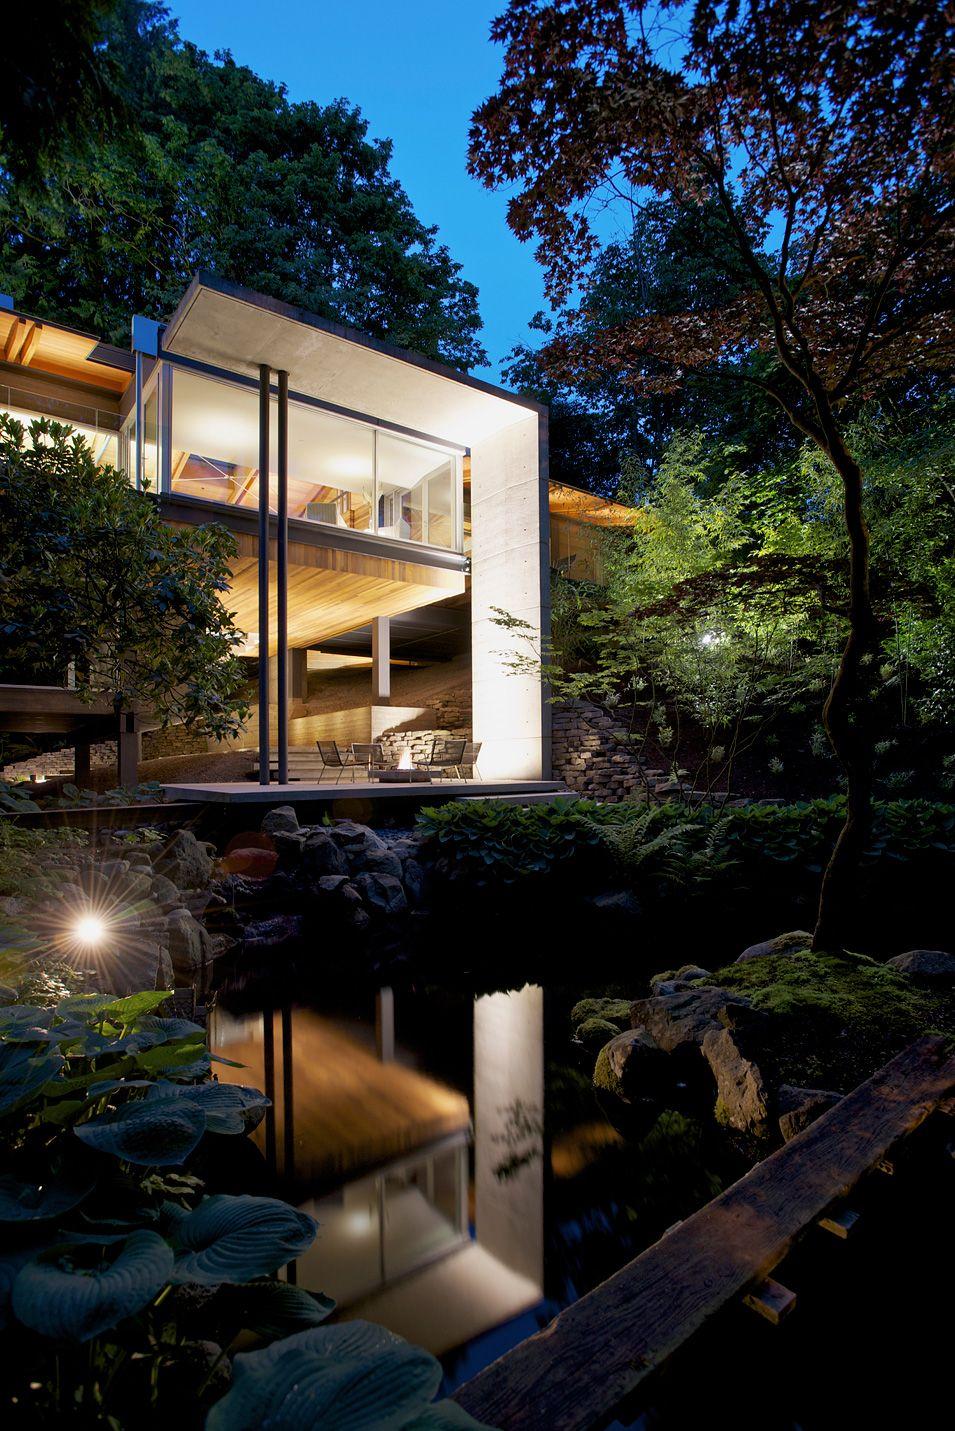 Fesselnd Southlands Residence U2013 Ein Modernes Haus Im Wald | Studio5555